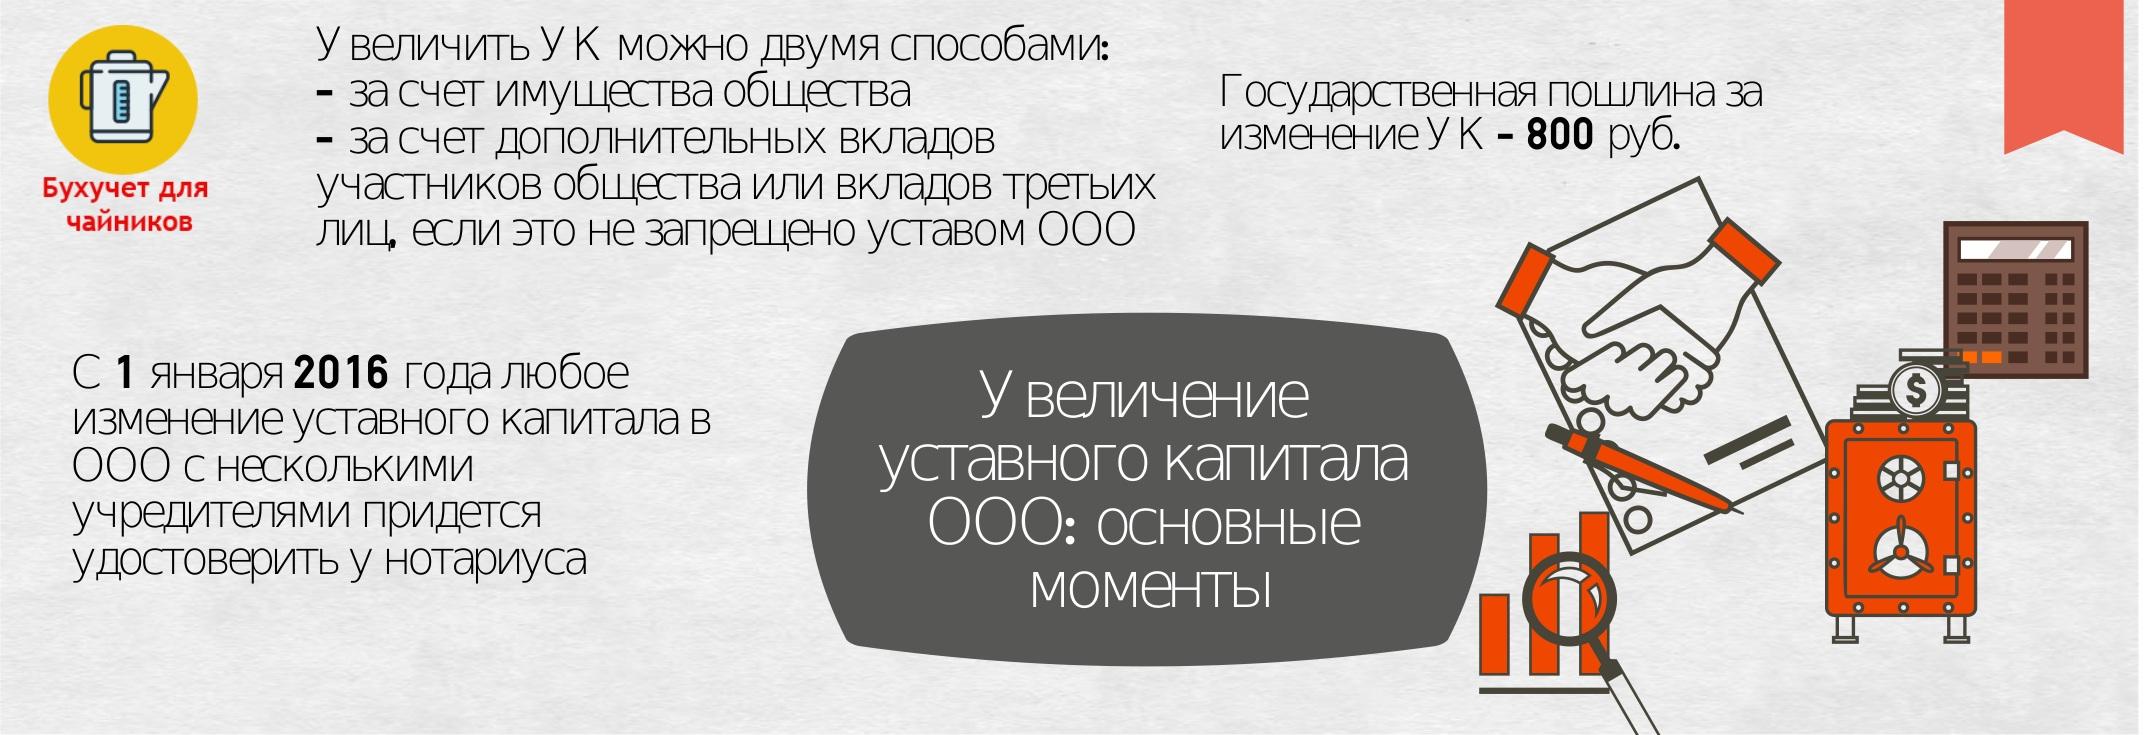 Увеличение уставного капитала ООО: новые изменения